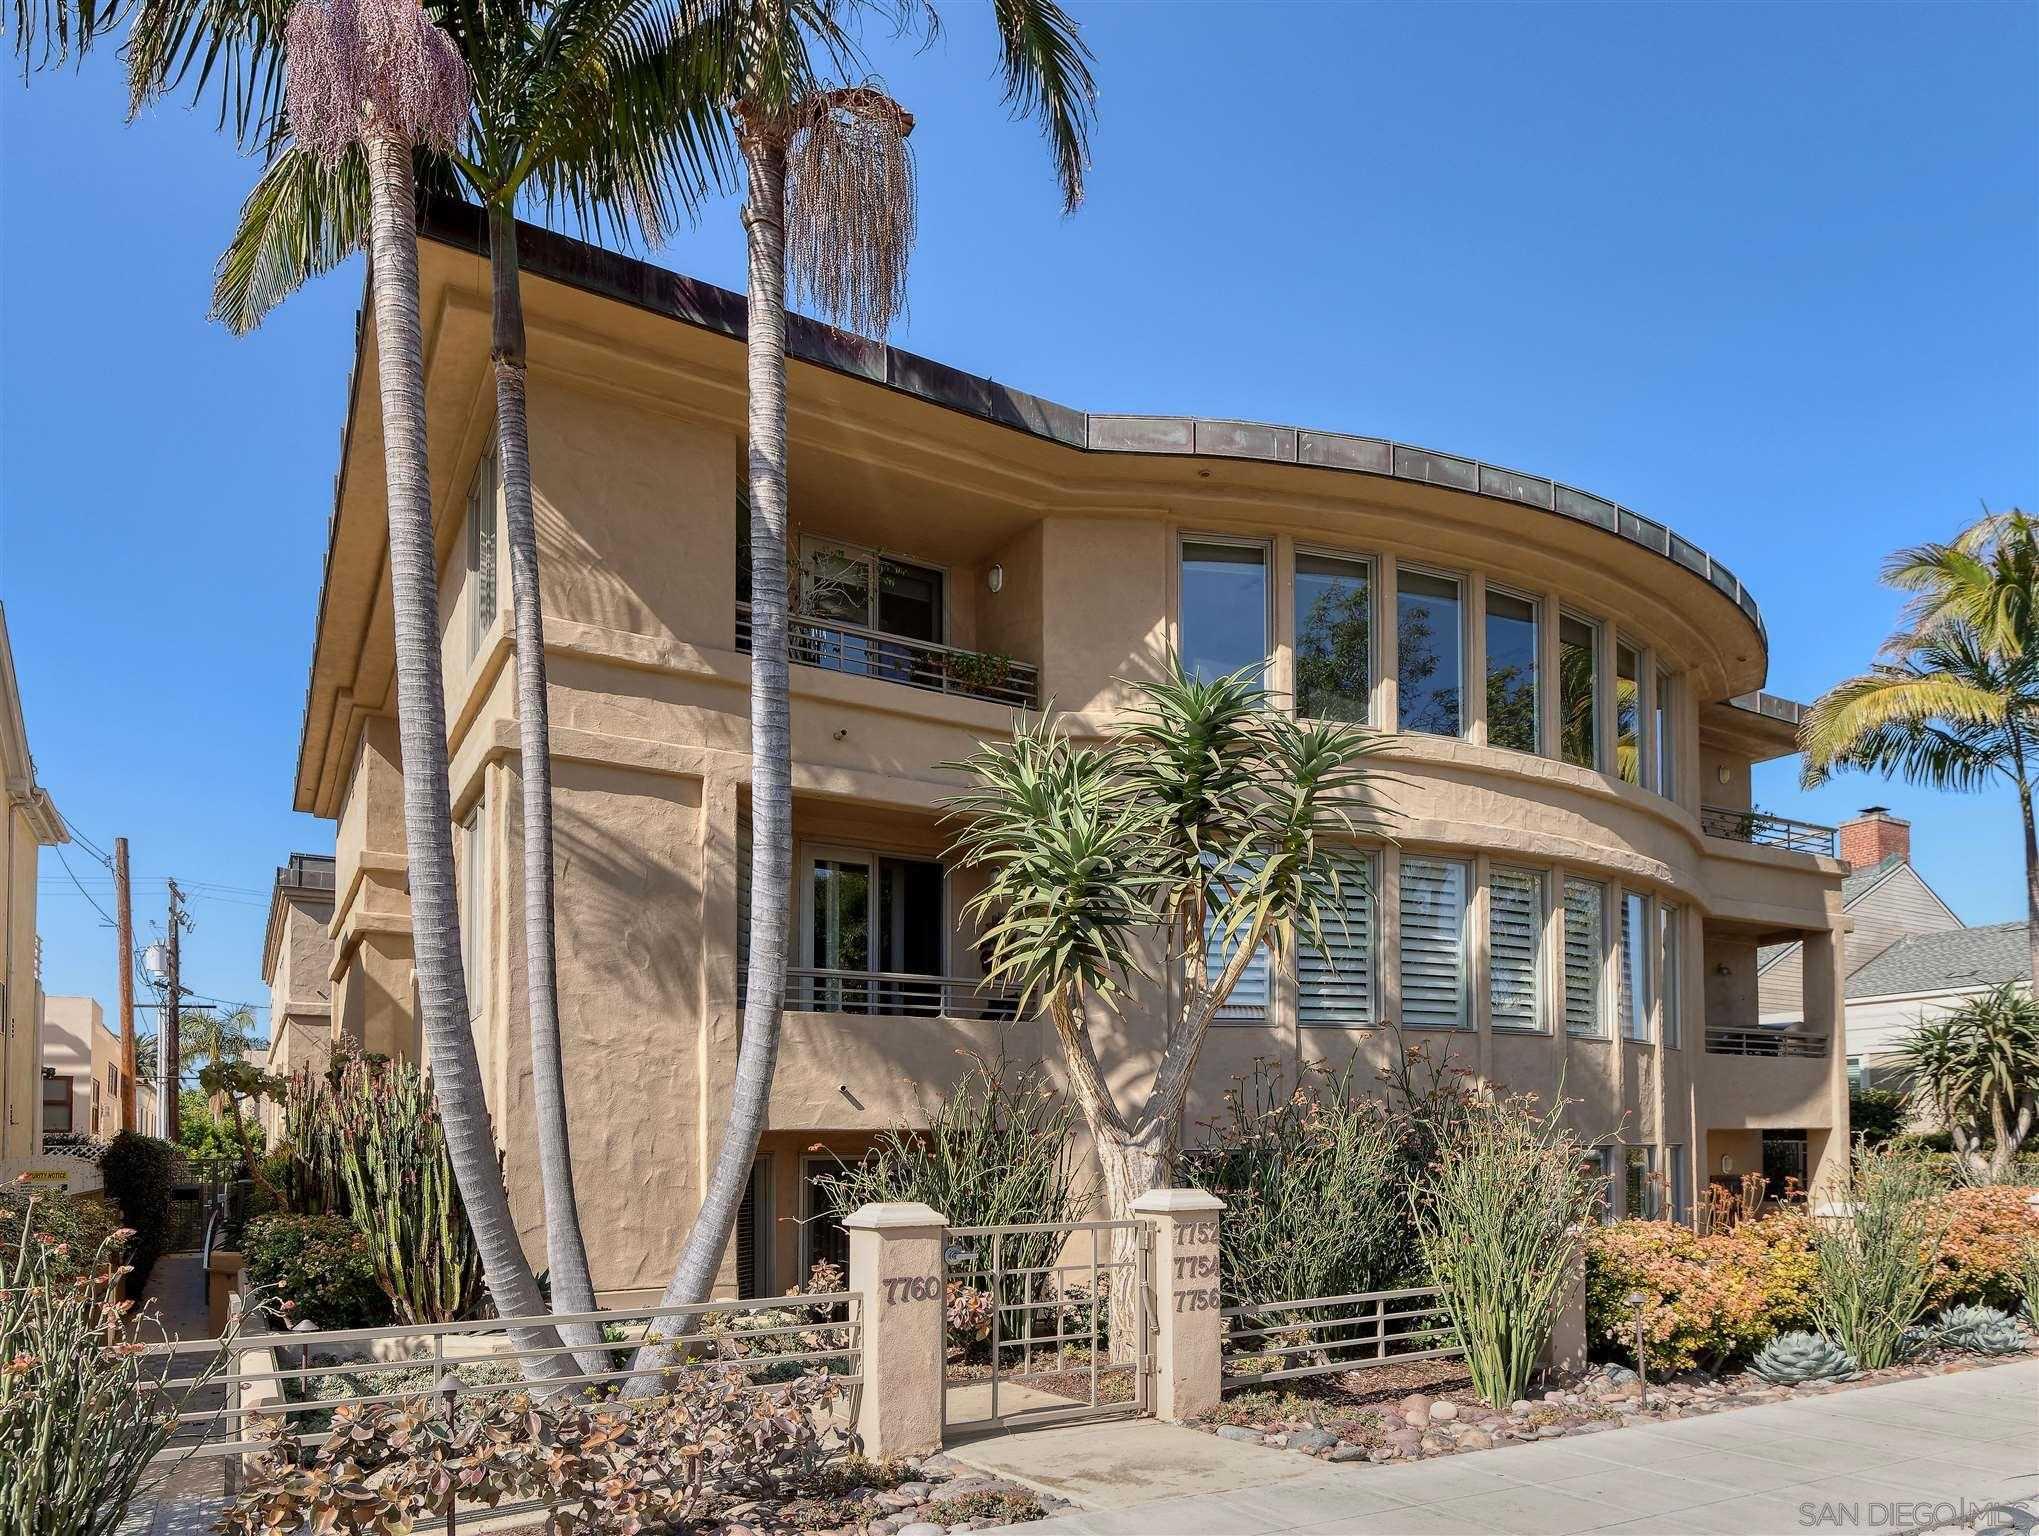 $2,395,000 - 3Br/3Ba -  for Sale in Downtown La Jolla, La Jolla